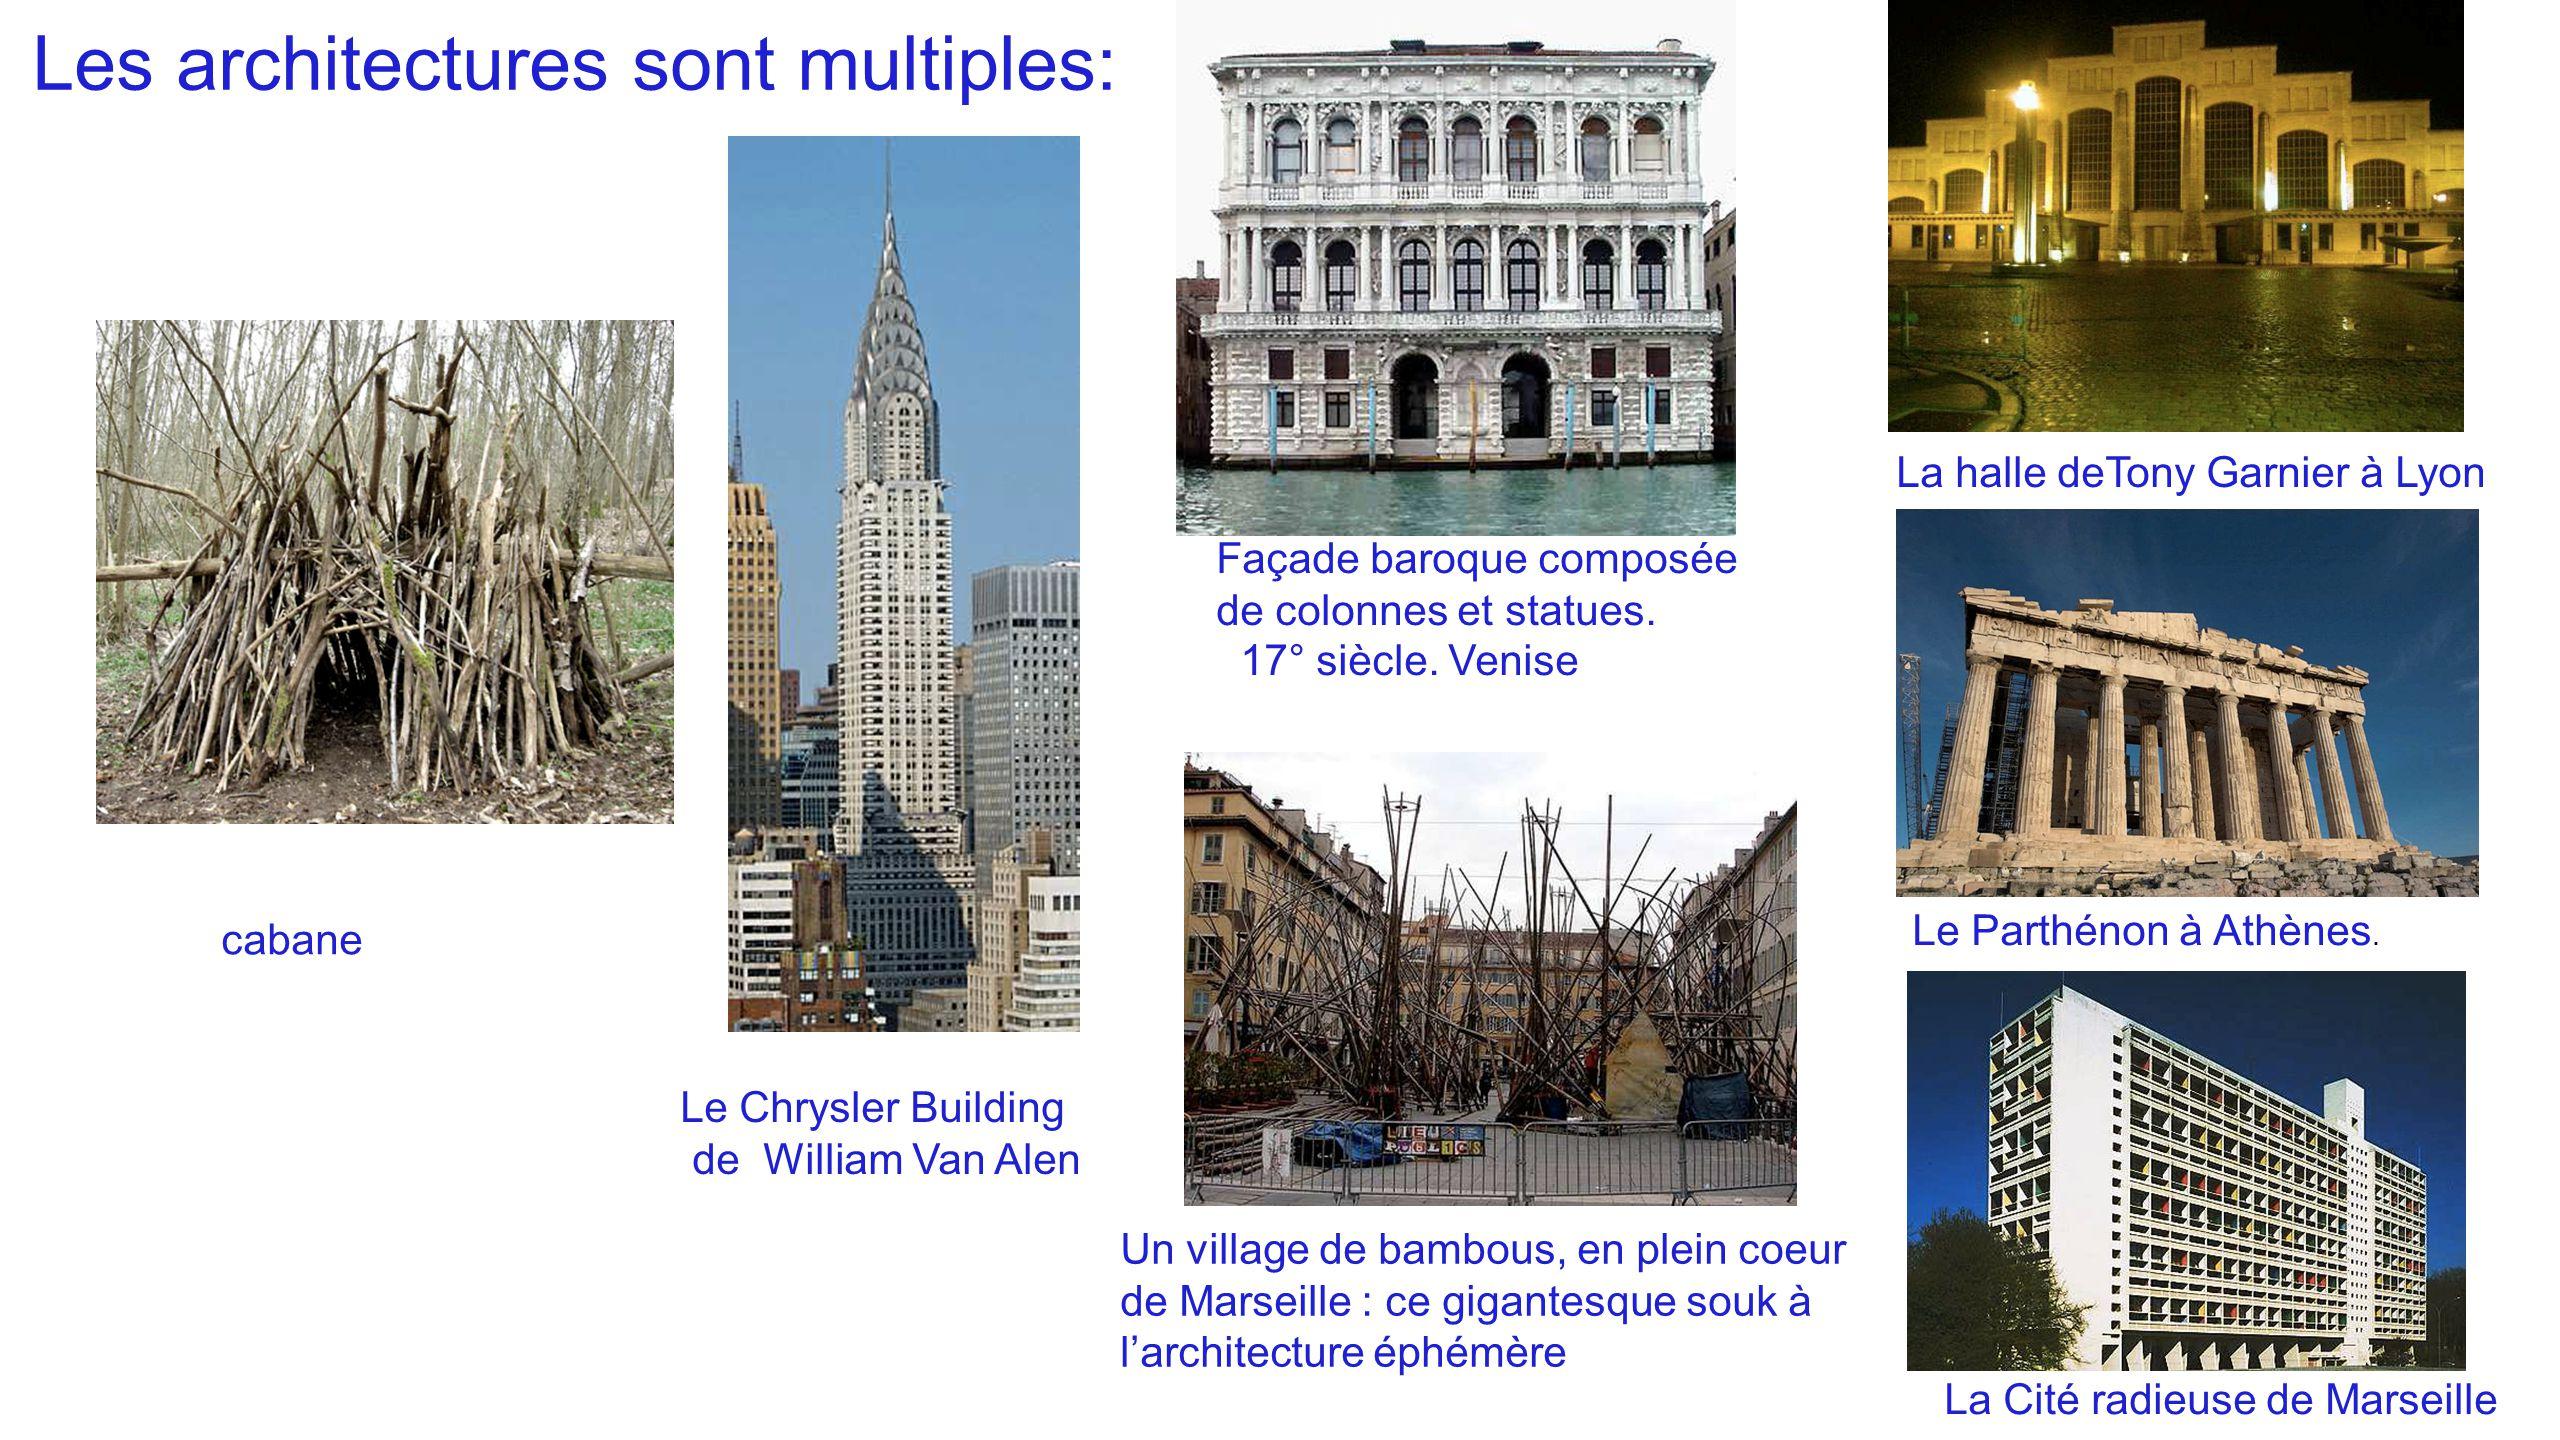 Les architectures sont multiples: